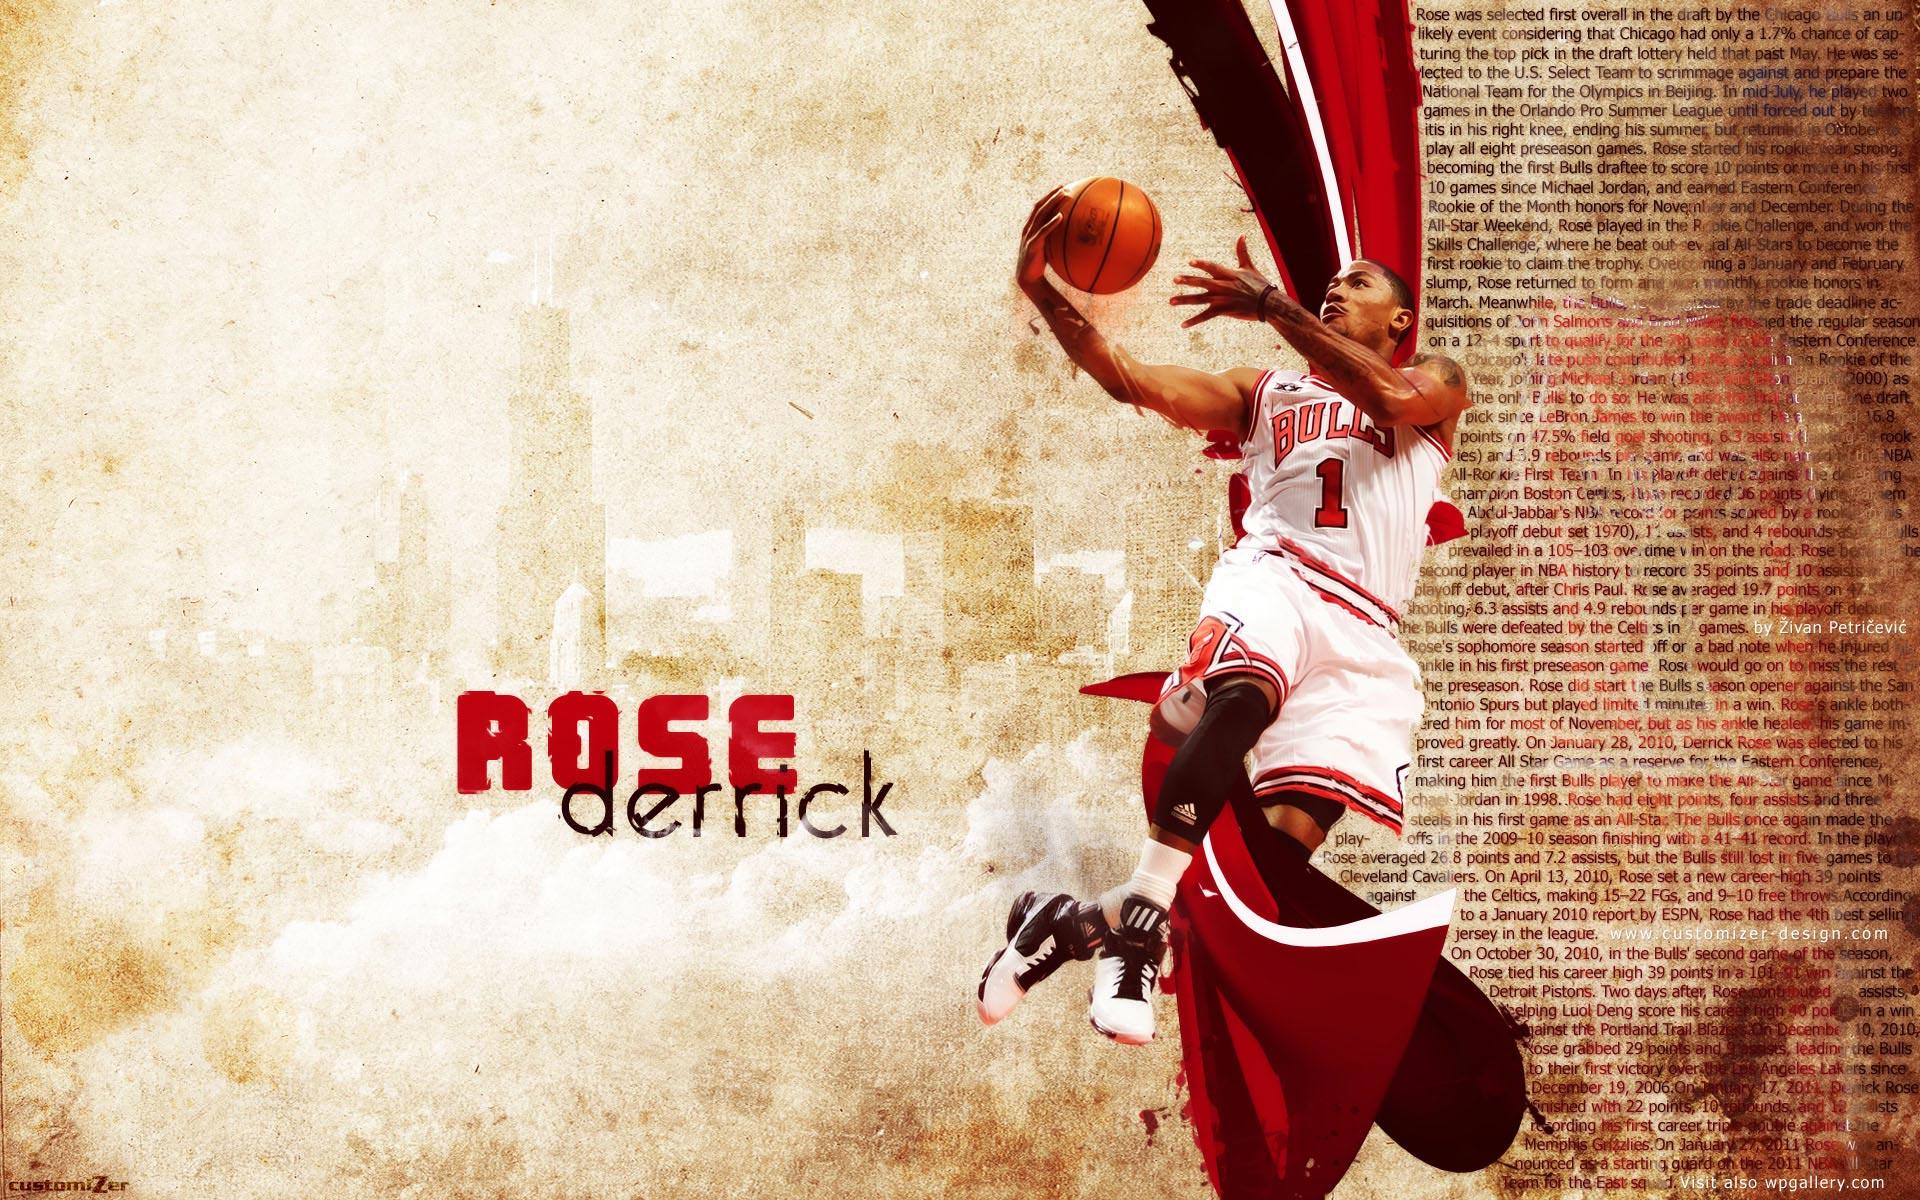 derrick rose 2011 widescreen photo 1920x1200